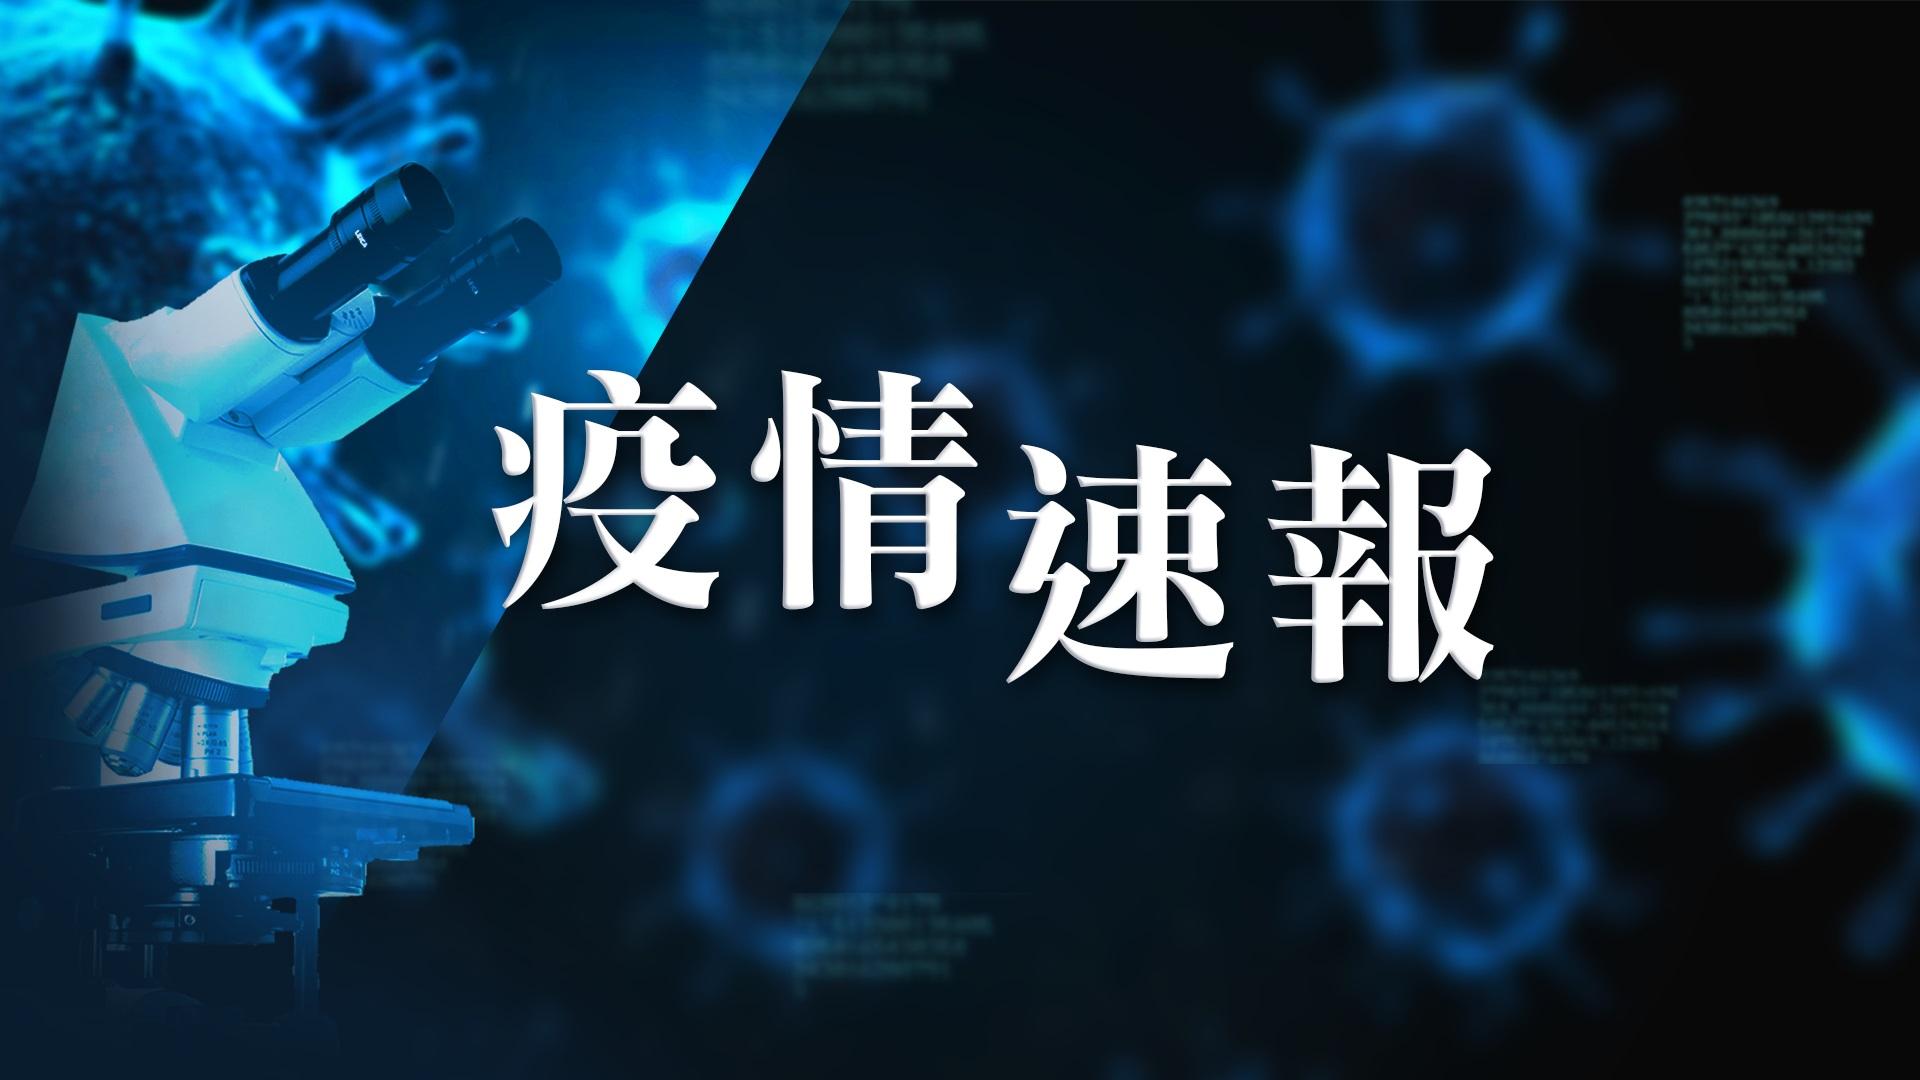 【12月17日疫情速報】(22:50)